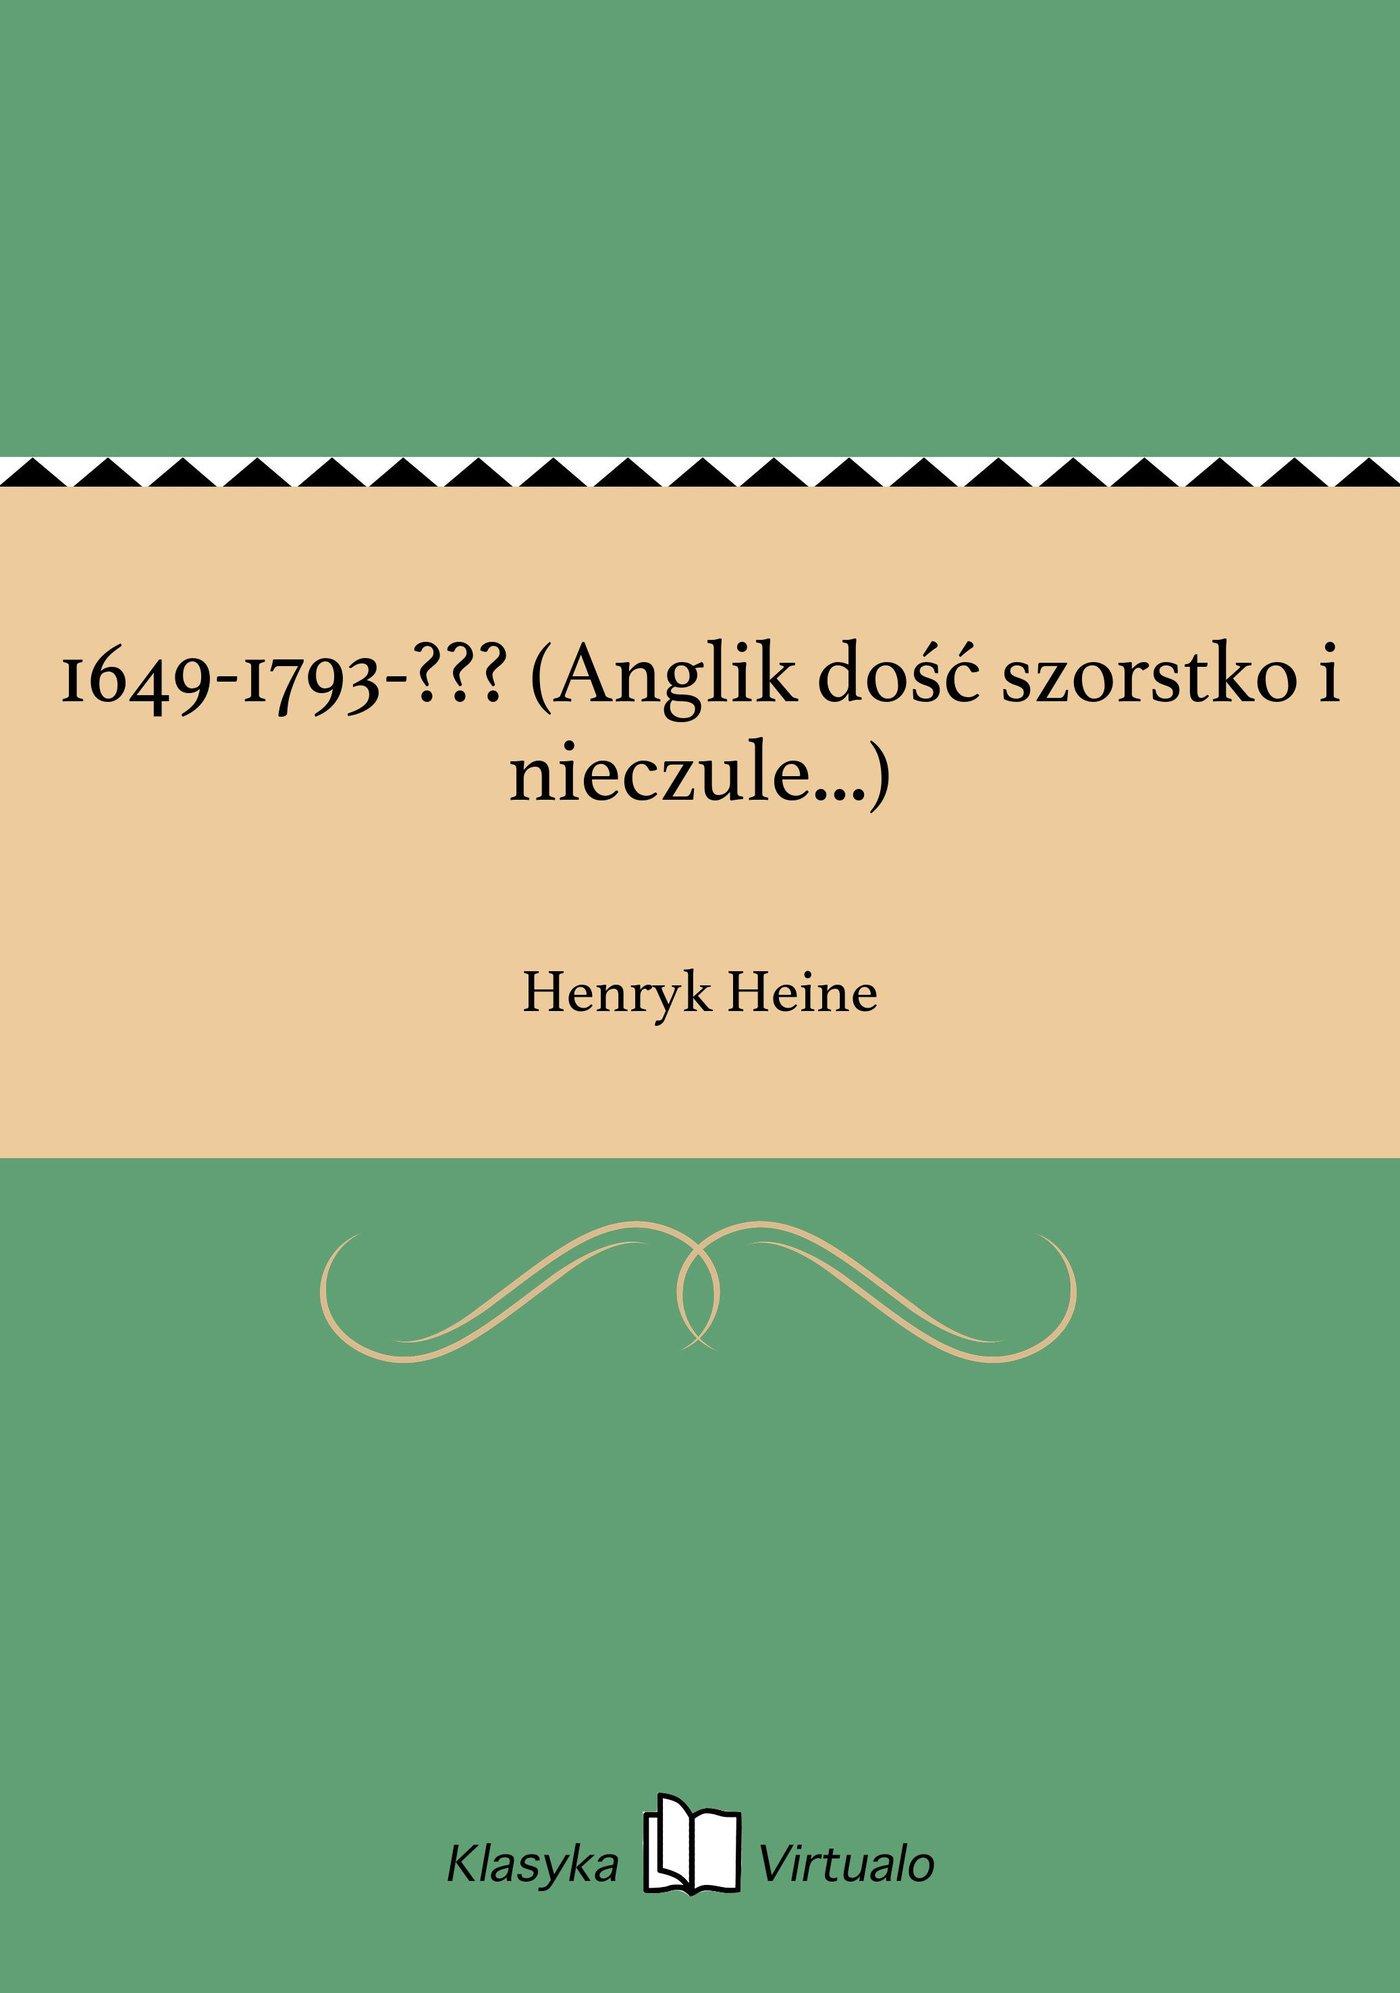 1649-1793-??? (Anglik dość szorstko i nieczule...) - Ebook (Książka EPUB) do pobrania w formacie EPUB